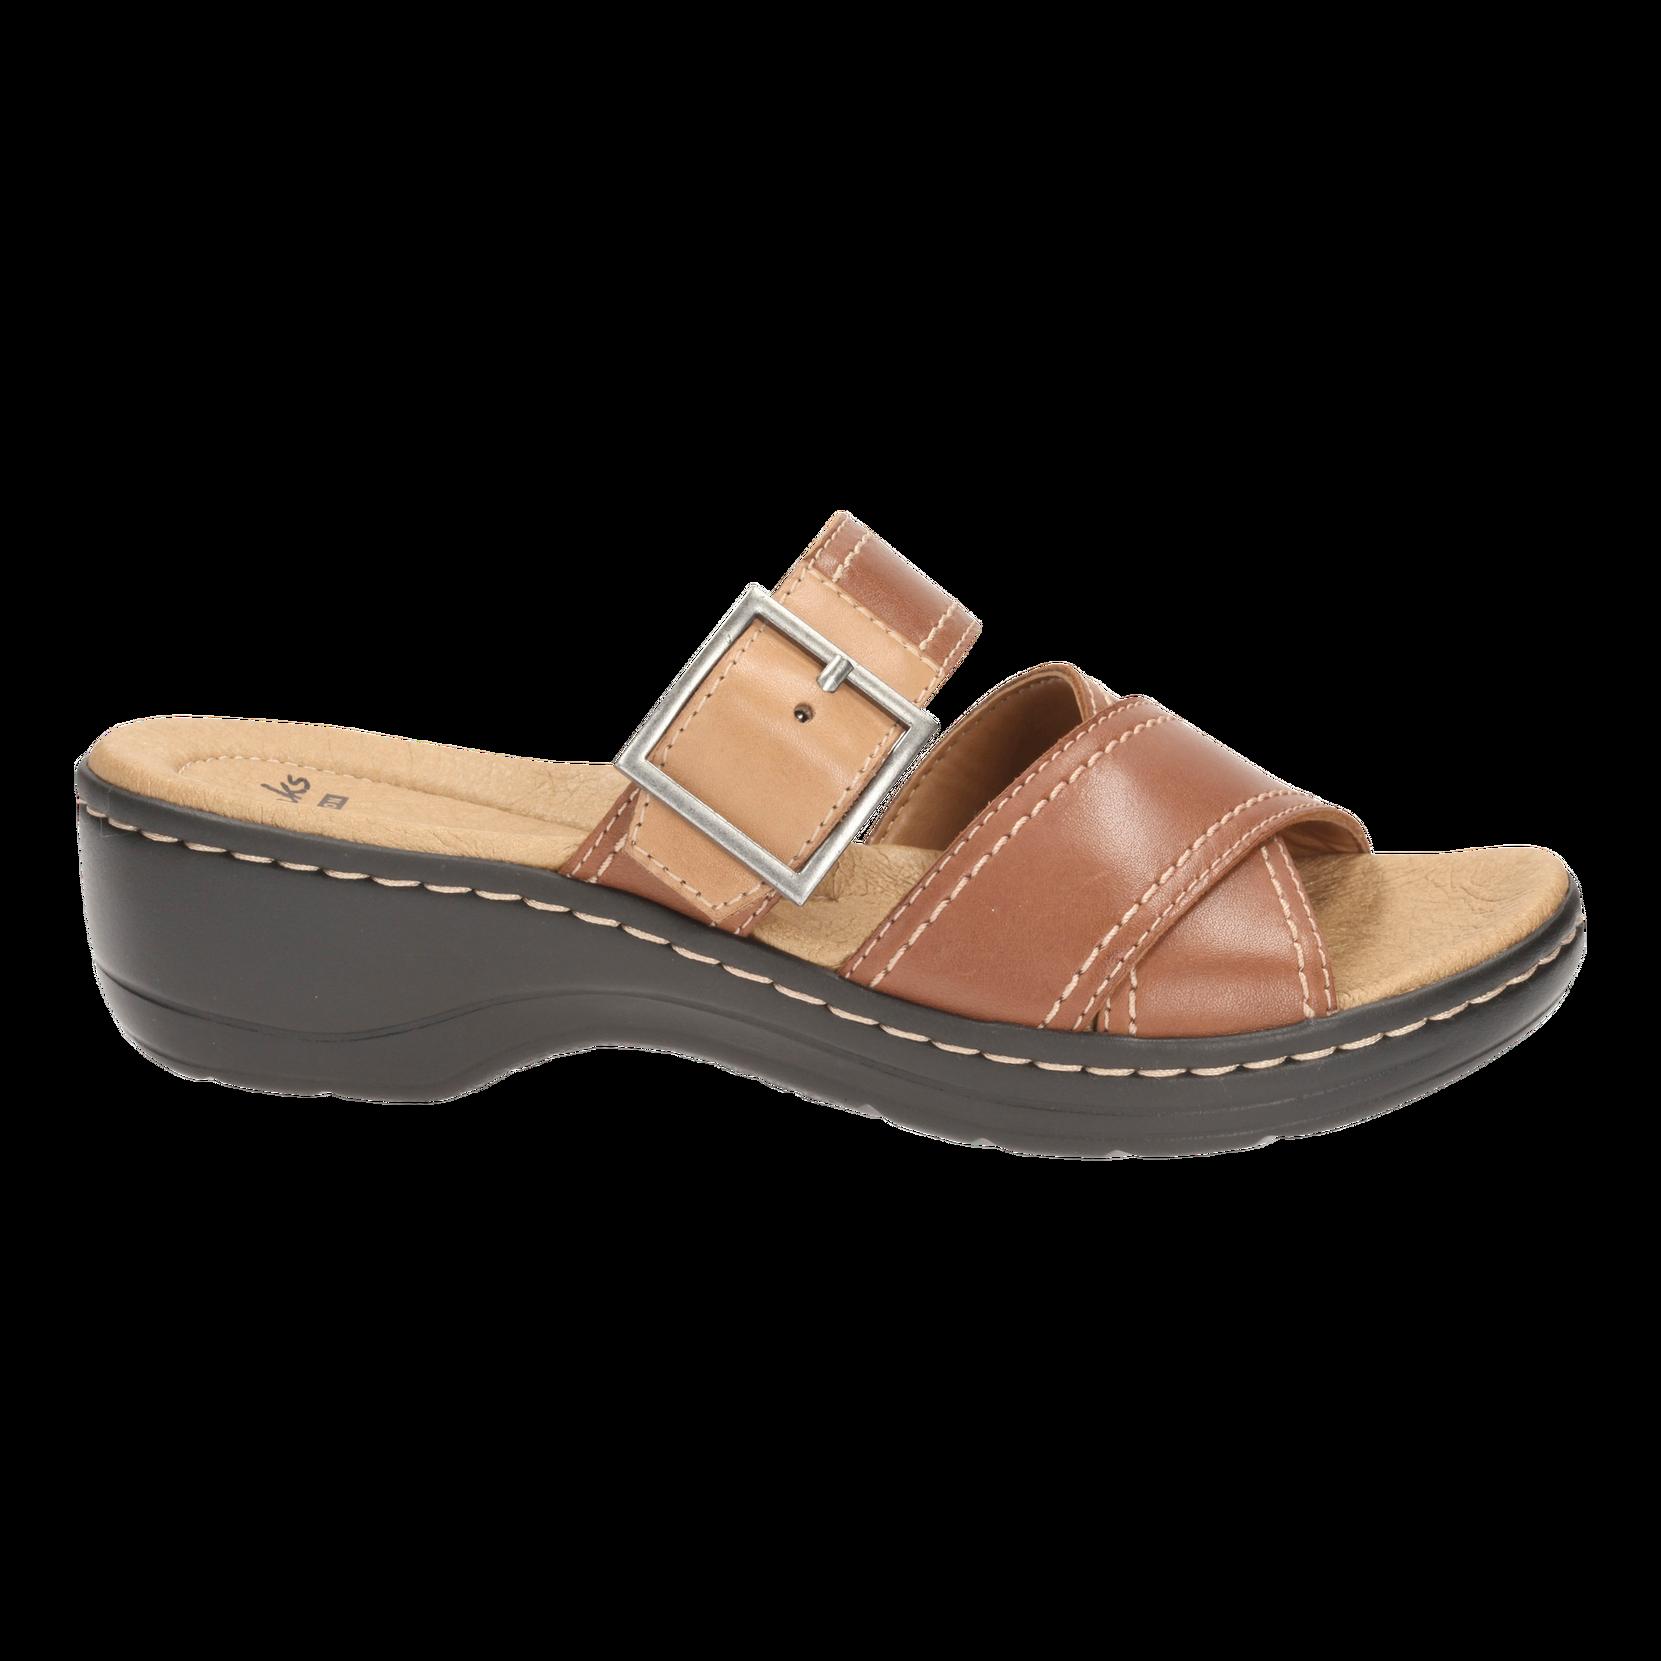 Sandaler Hayla Hum Clarks Sandaler & sandaler med hæl til Kvinder i Cognacbrun